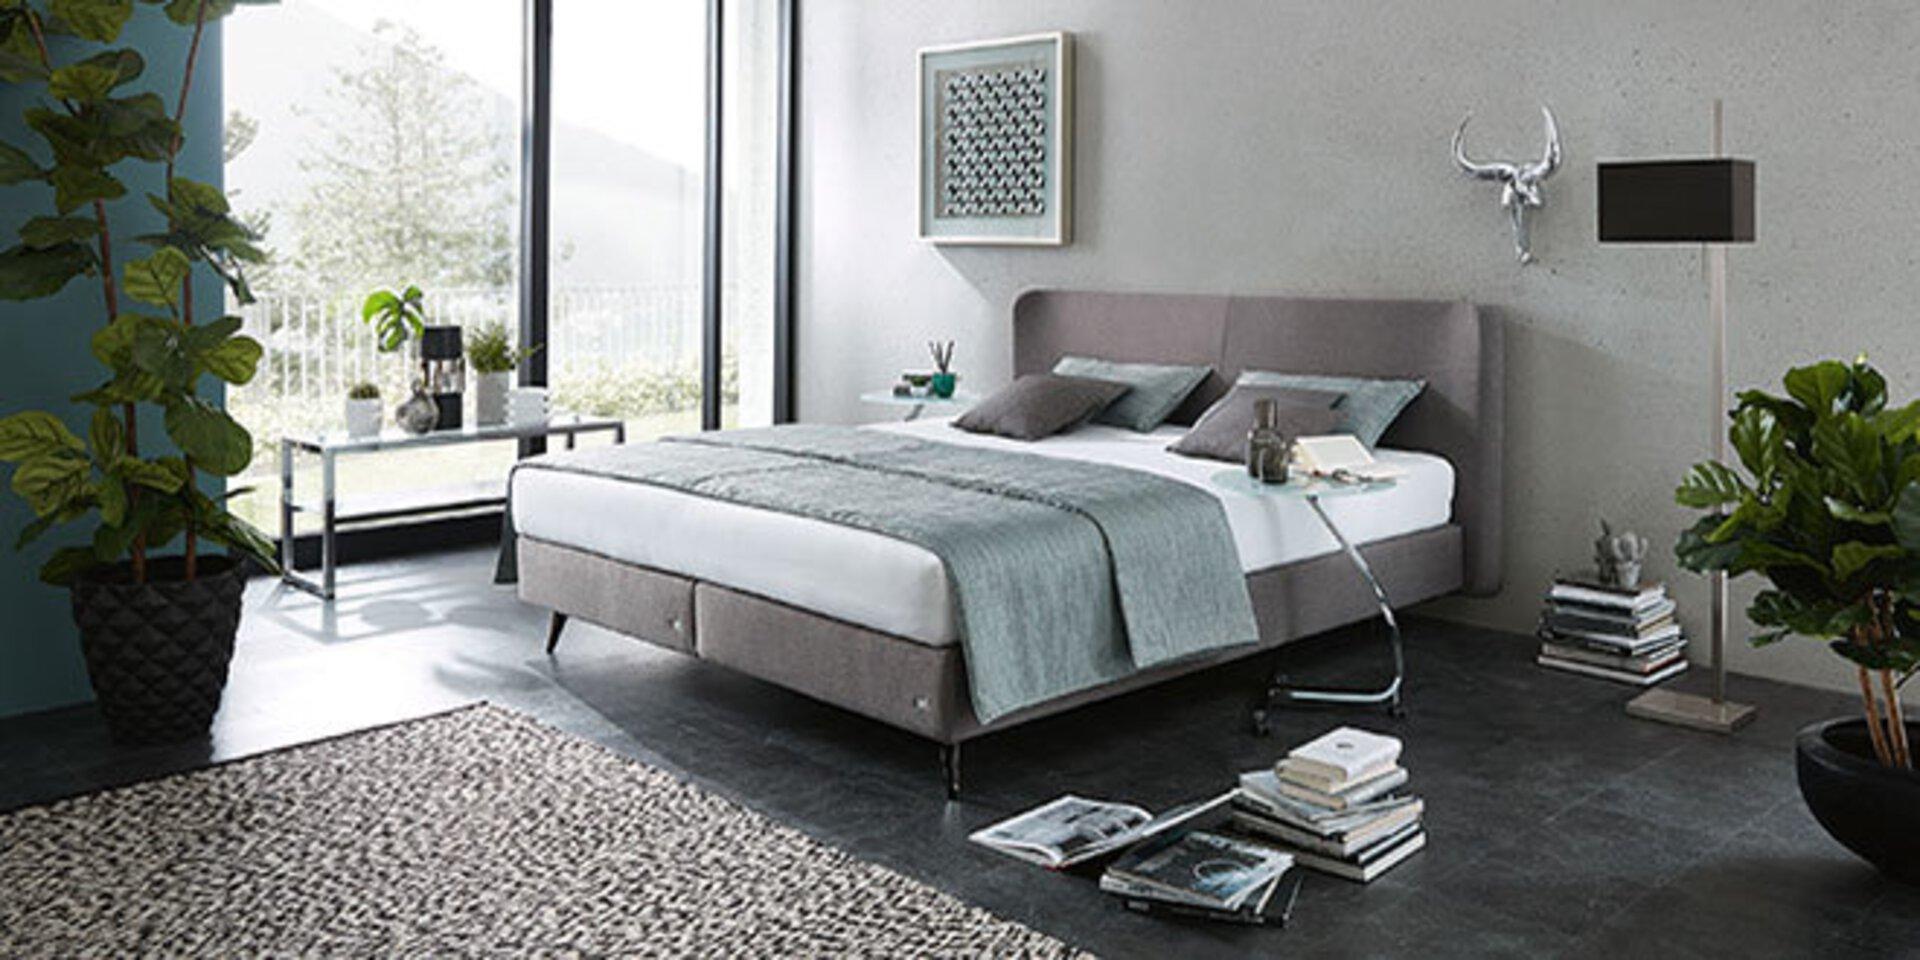 Titelbild der Marke ruf Betten zeigt ein Polsterbett in altrosa.